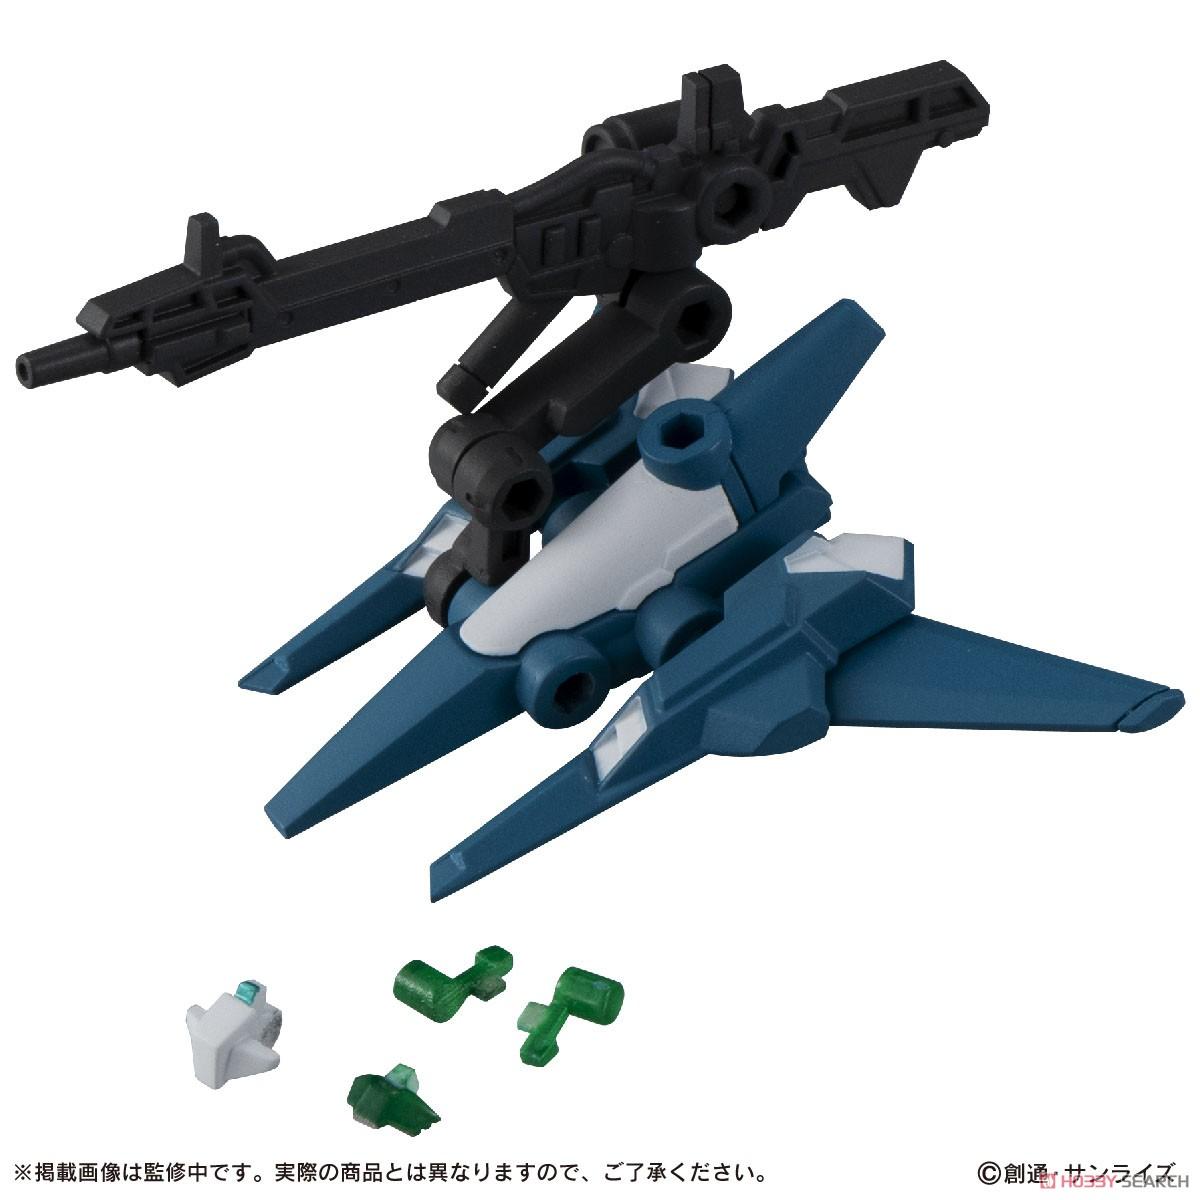 機動戦士ガンダム『MOBILE SUIT ENSEMBLE15』デフォルメフィギュア 10個入りBOX-004